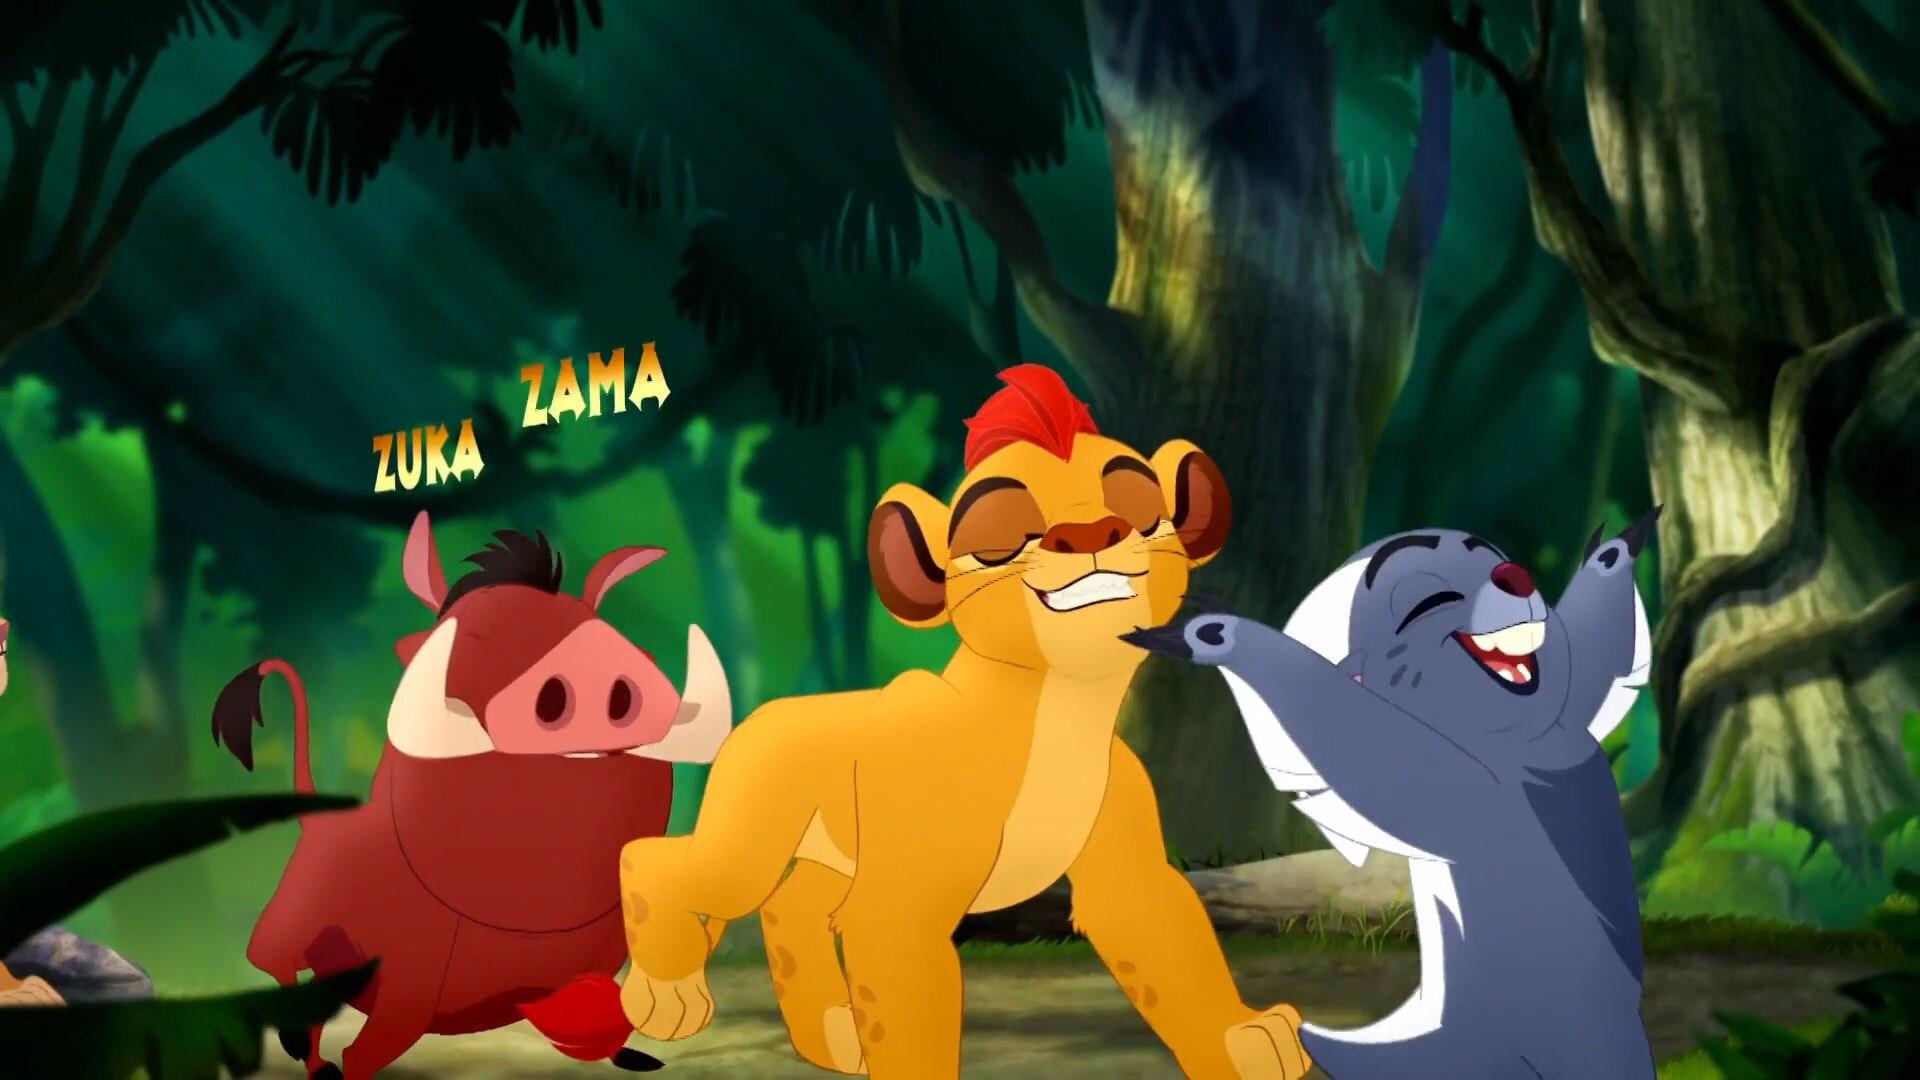 The Lion Guard การกลับมาของเสียงคำราม และเตรียมพร้อมพบกับ Zuka Zama!